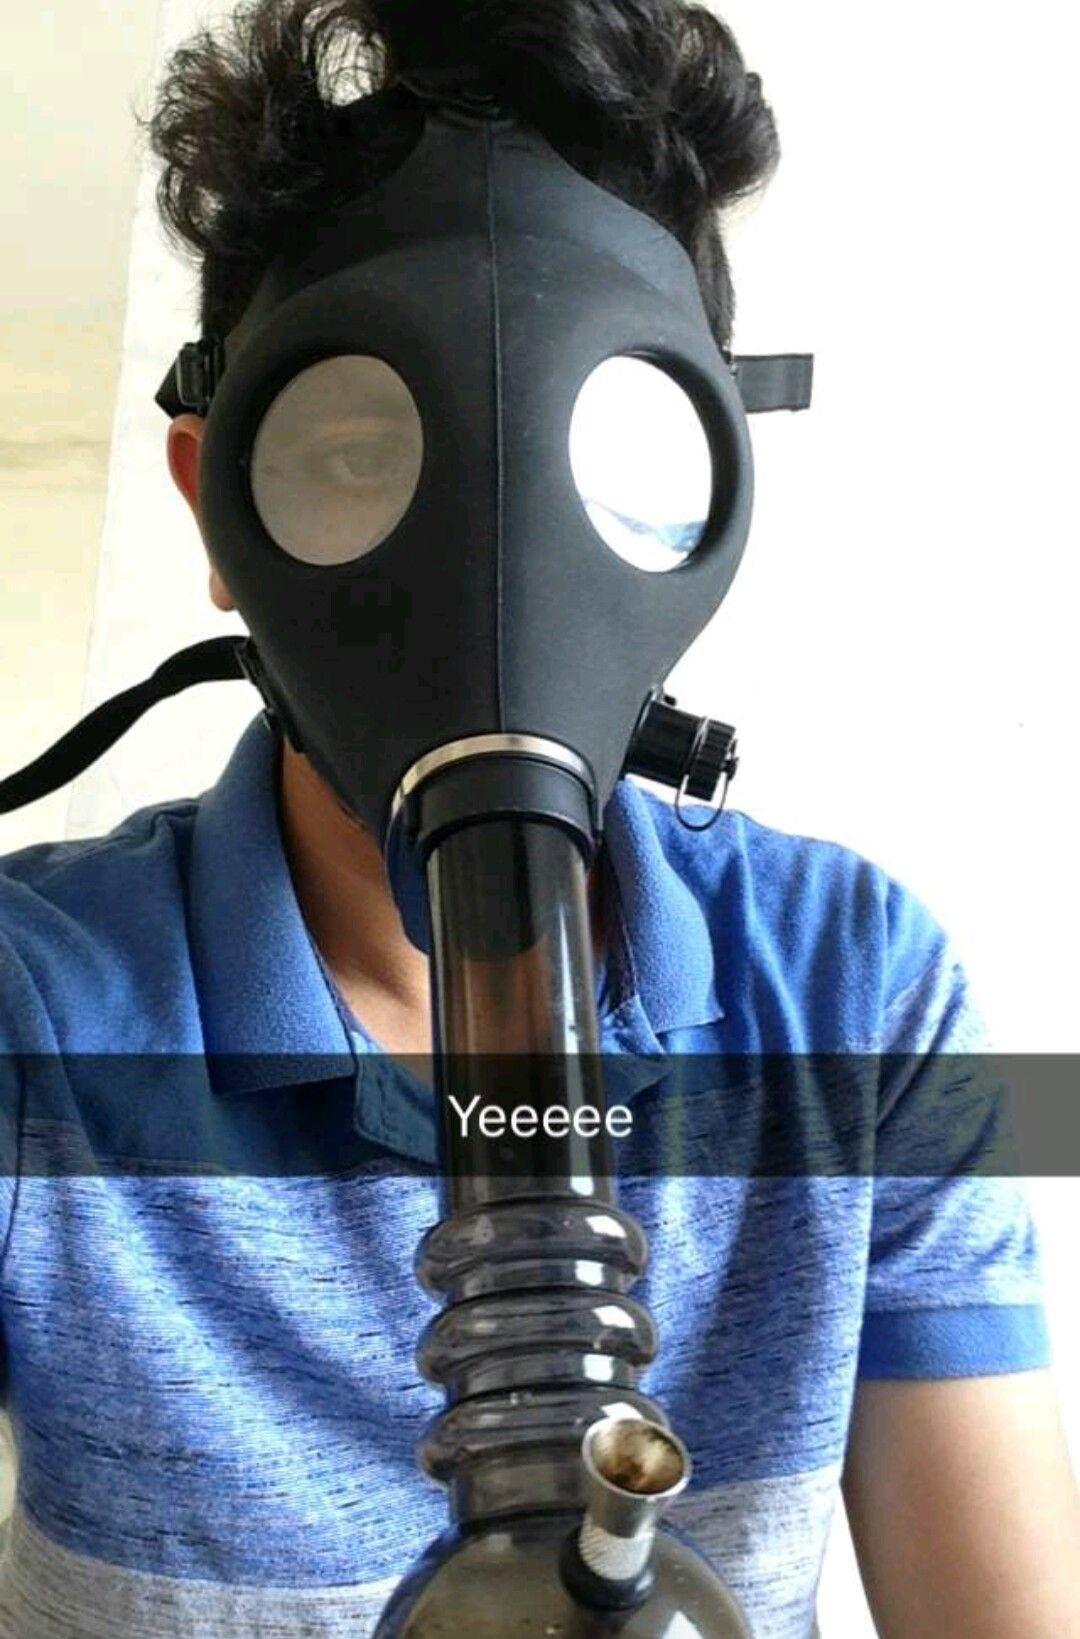 Gas mask + bong ❤ | ideas | Bongs, Fictional characters